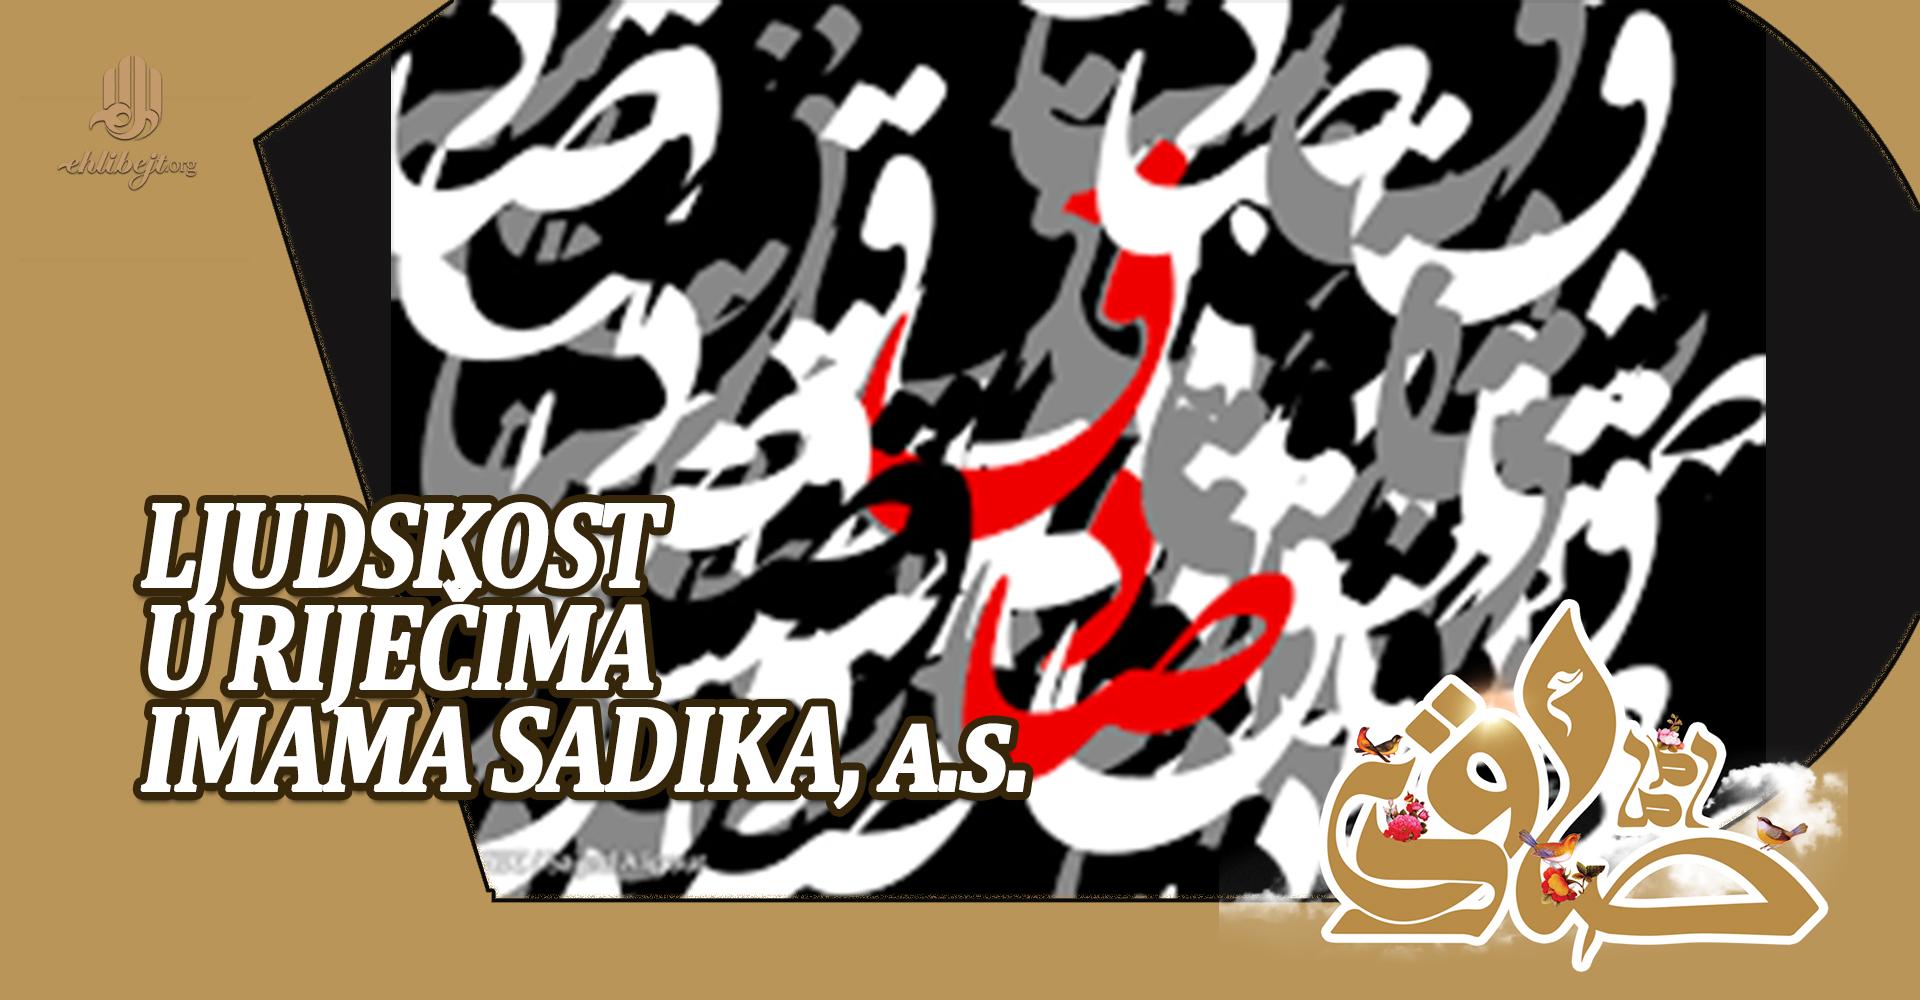 Ljudskost u riječima Imama Sadika, a.s.